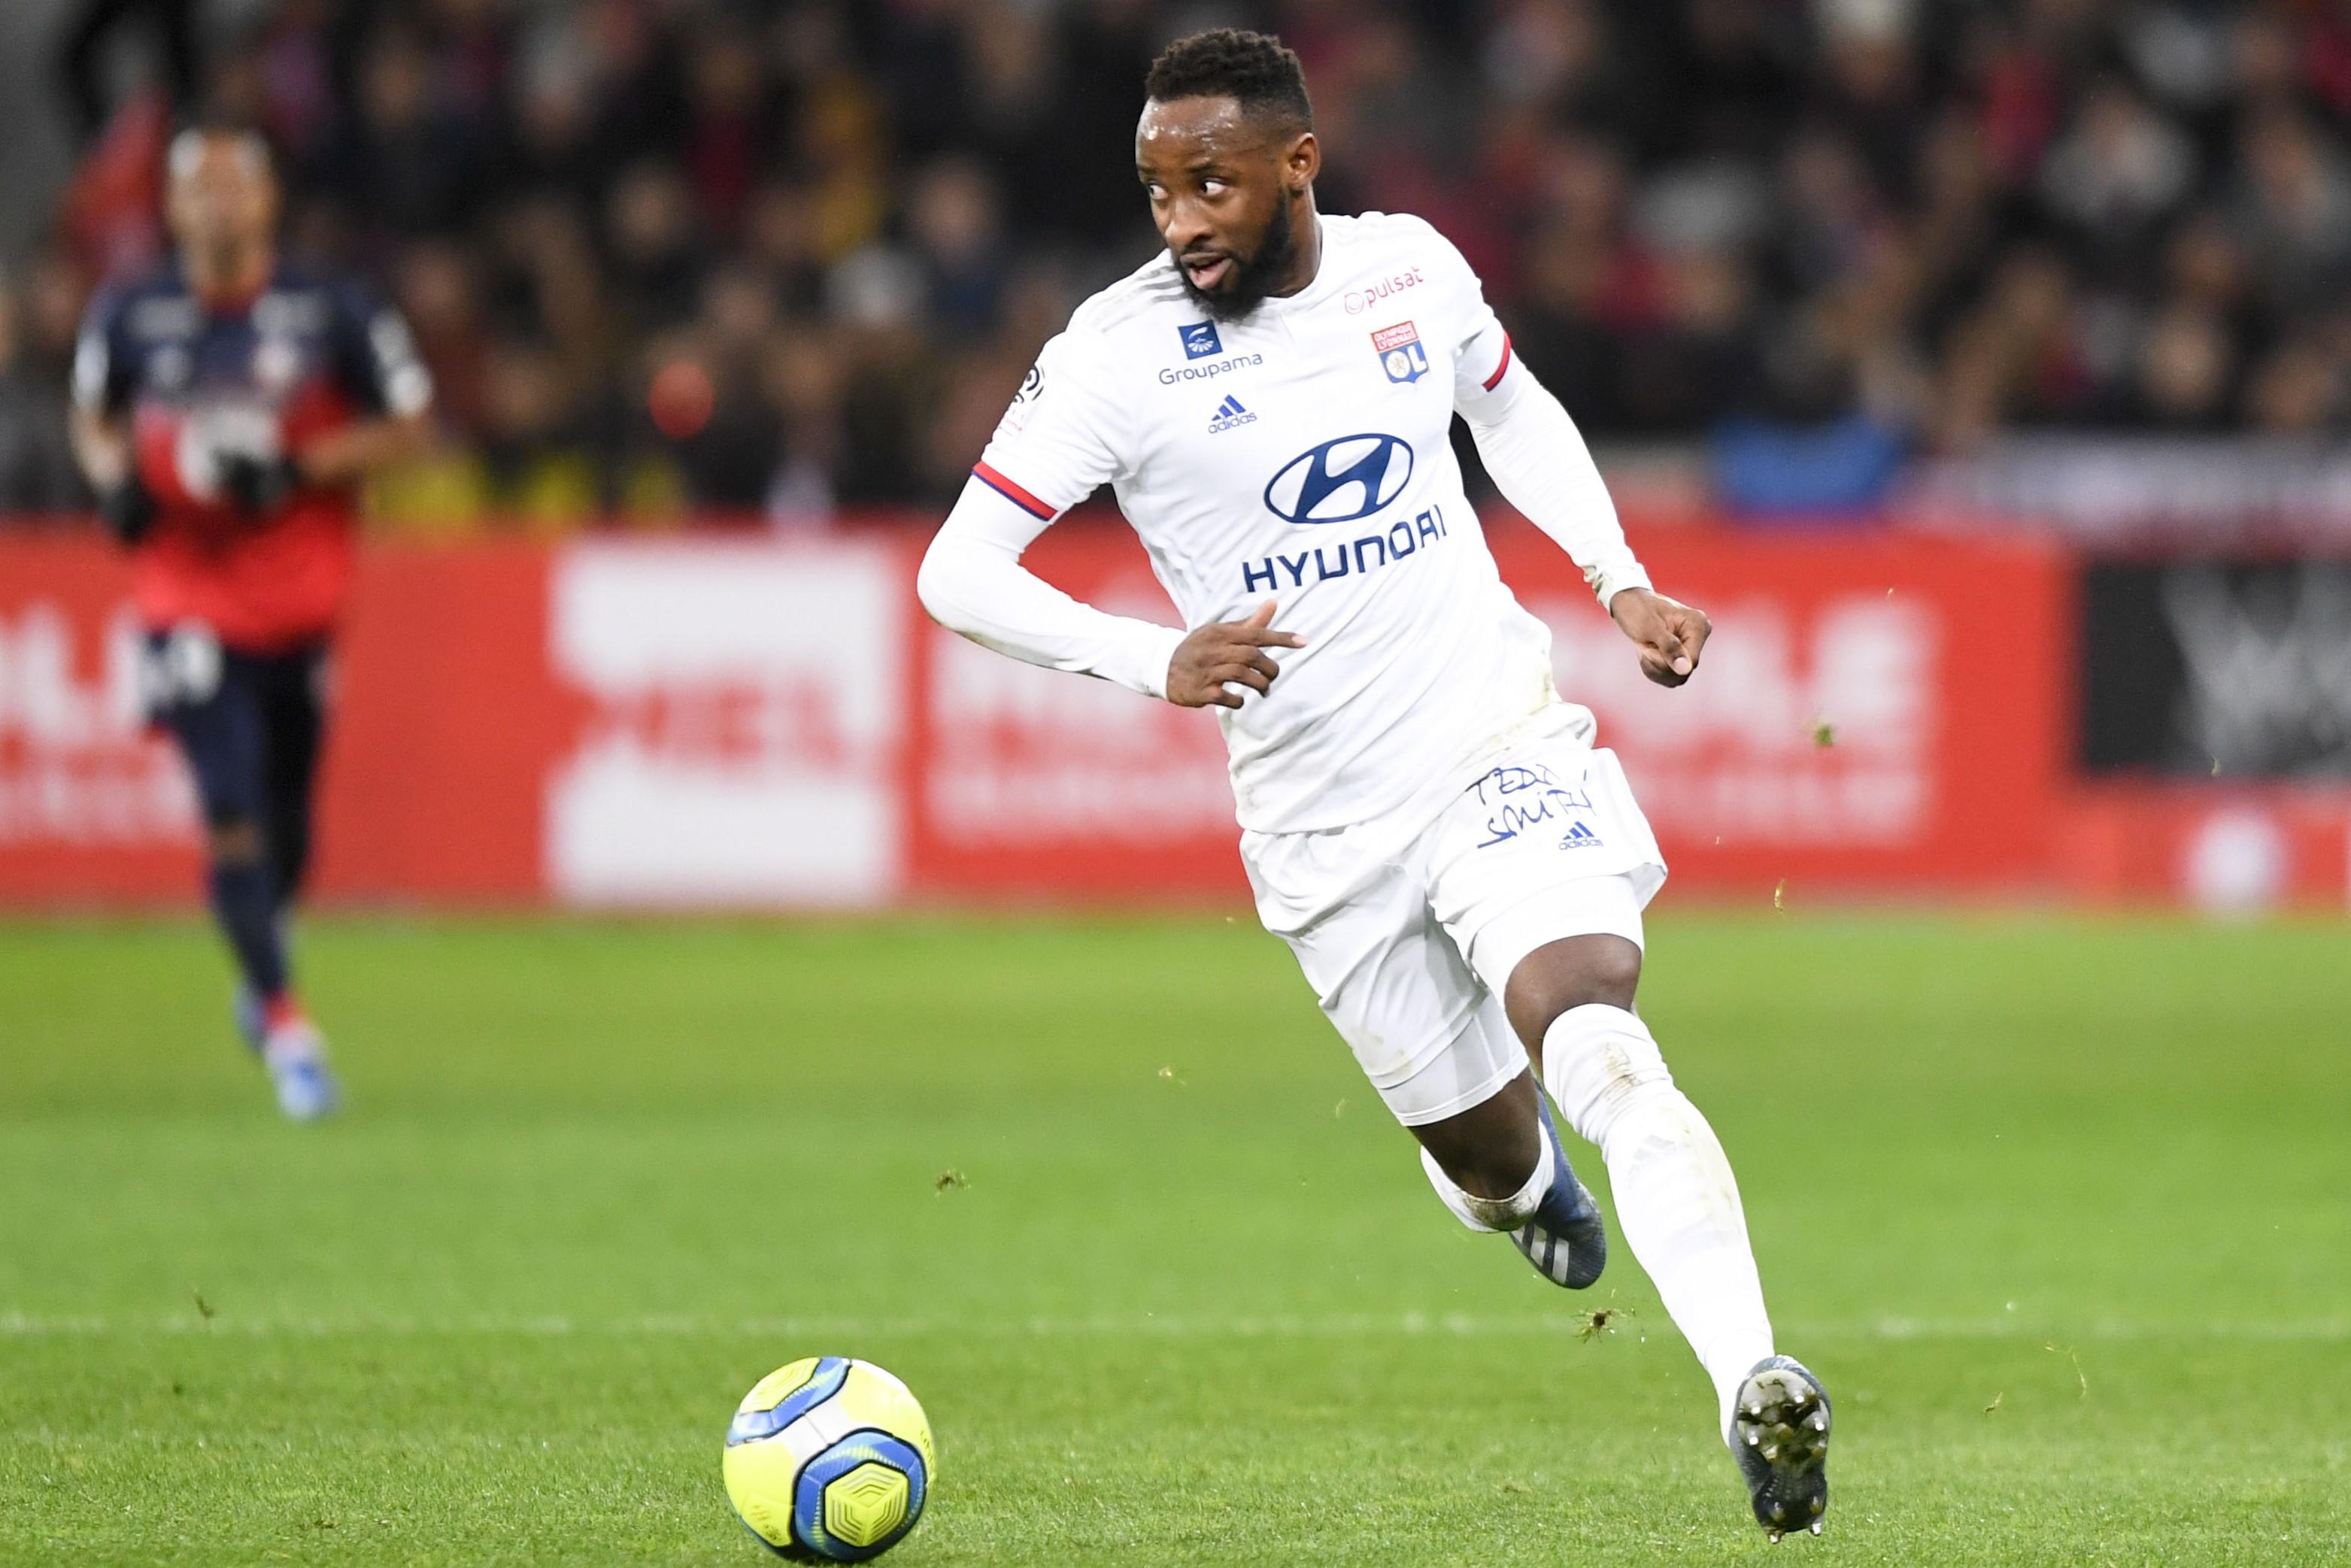 Football - Transferts - Le journal du mercato : une offre de 65M€ de Manchester United pour Dembélé ?